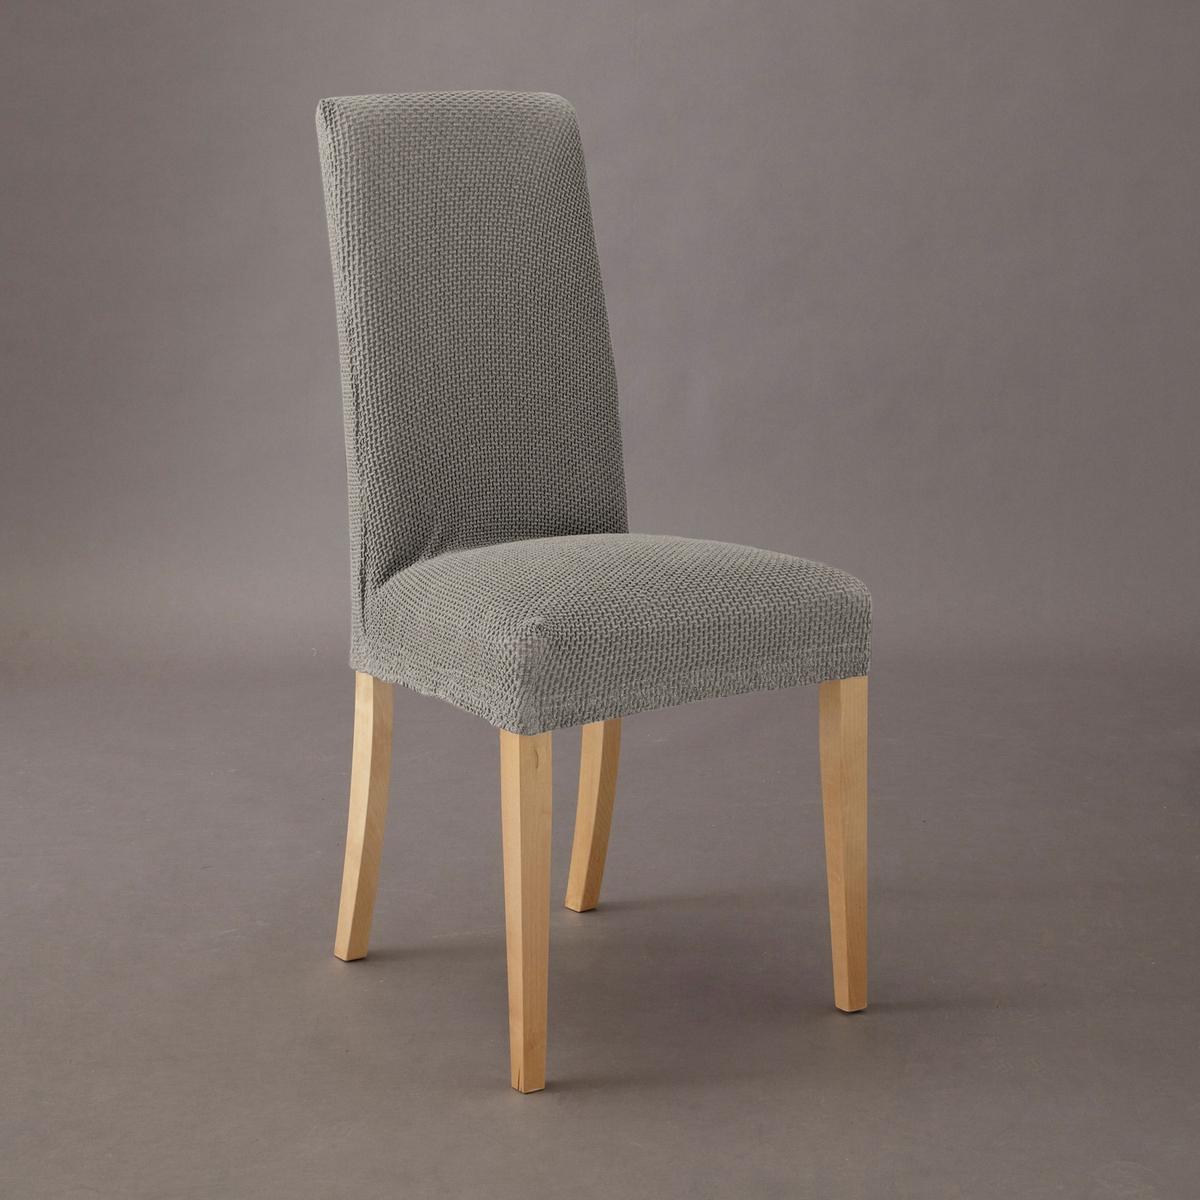 Чехол для стула АхмисОтличная идея для обновления интерьера! Сохраняет очертания стула и привносит новые мотивы в Ваш интерьер.Характеристики : -гофрированная ткань, 55% хлопка, 40% полиэстера, 5% эластана  стирка при 30° .  Эластичный низ, идеально обтягивает стул  !высота - 67см, ширина сиденья - 40 см, длина сиденья - 47см, высота переднего полотнища юбки - 17см.<br><br>Цвет: черный